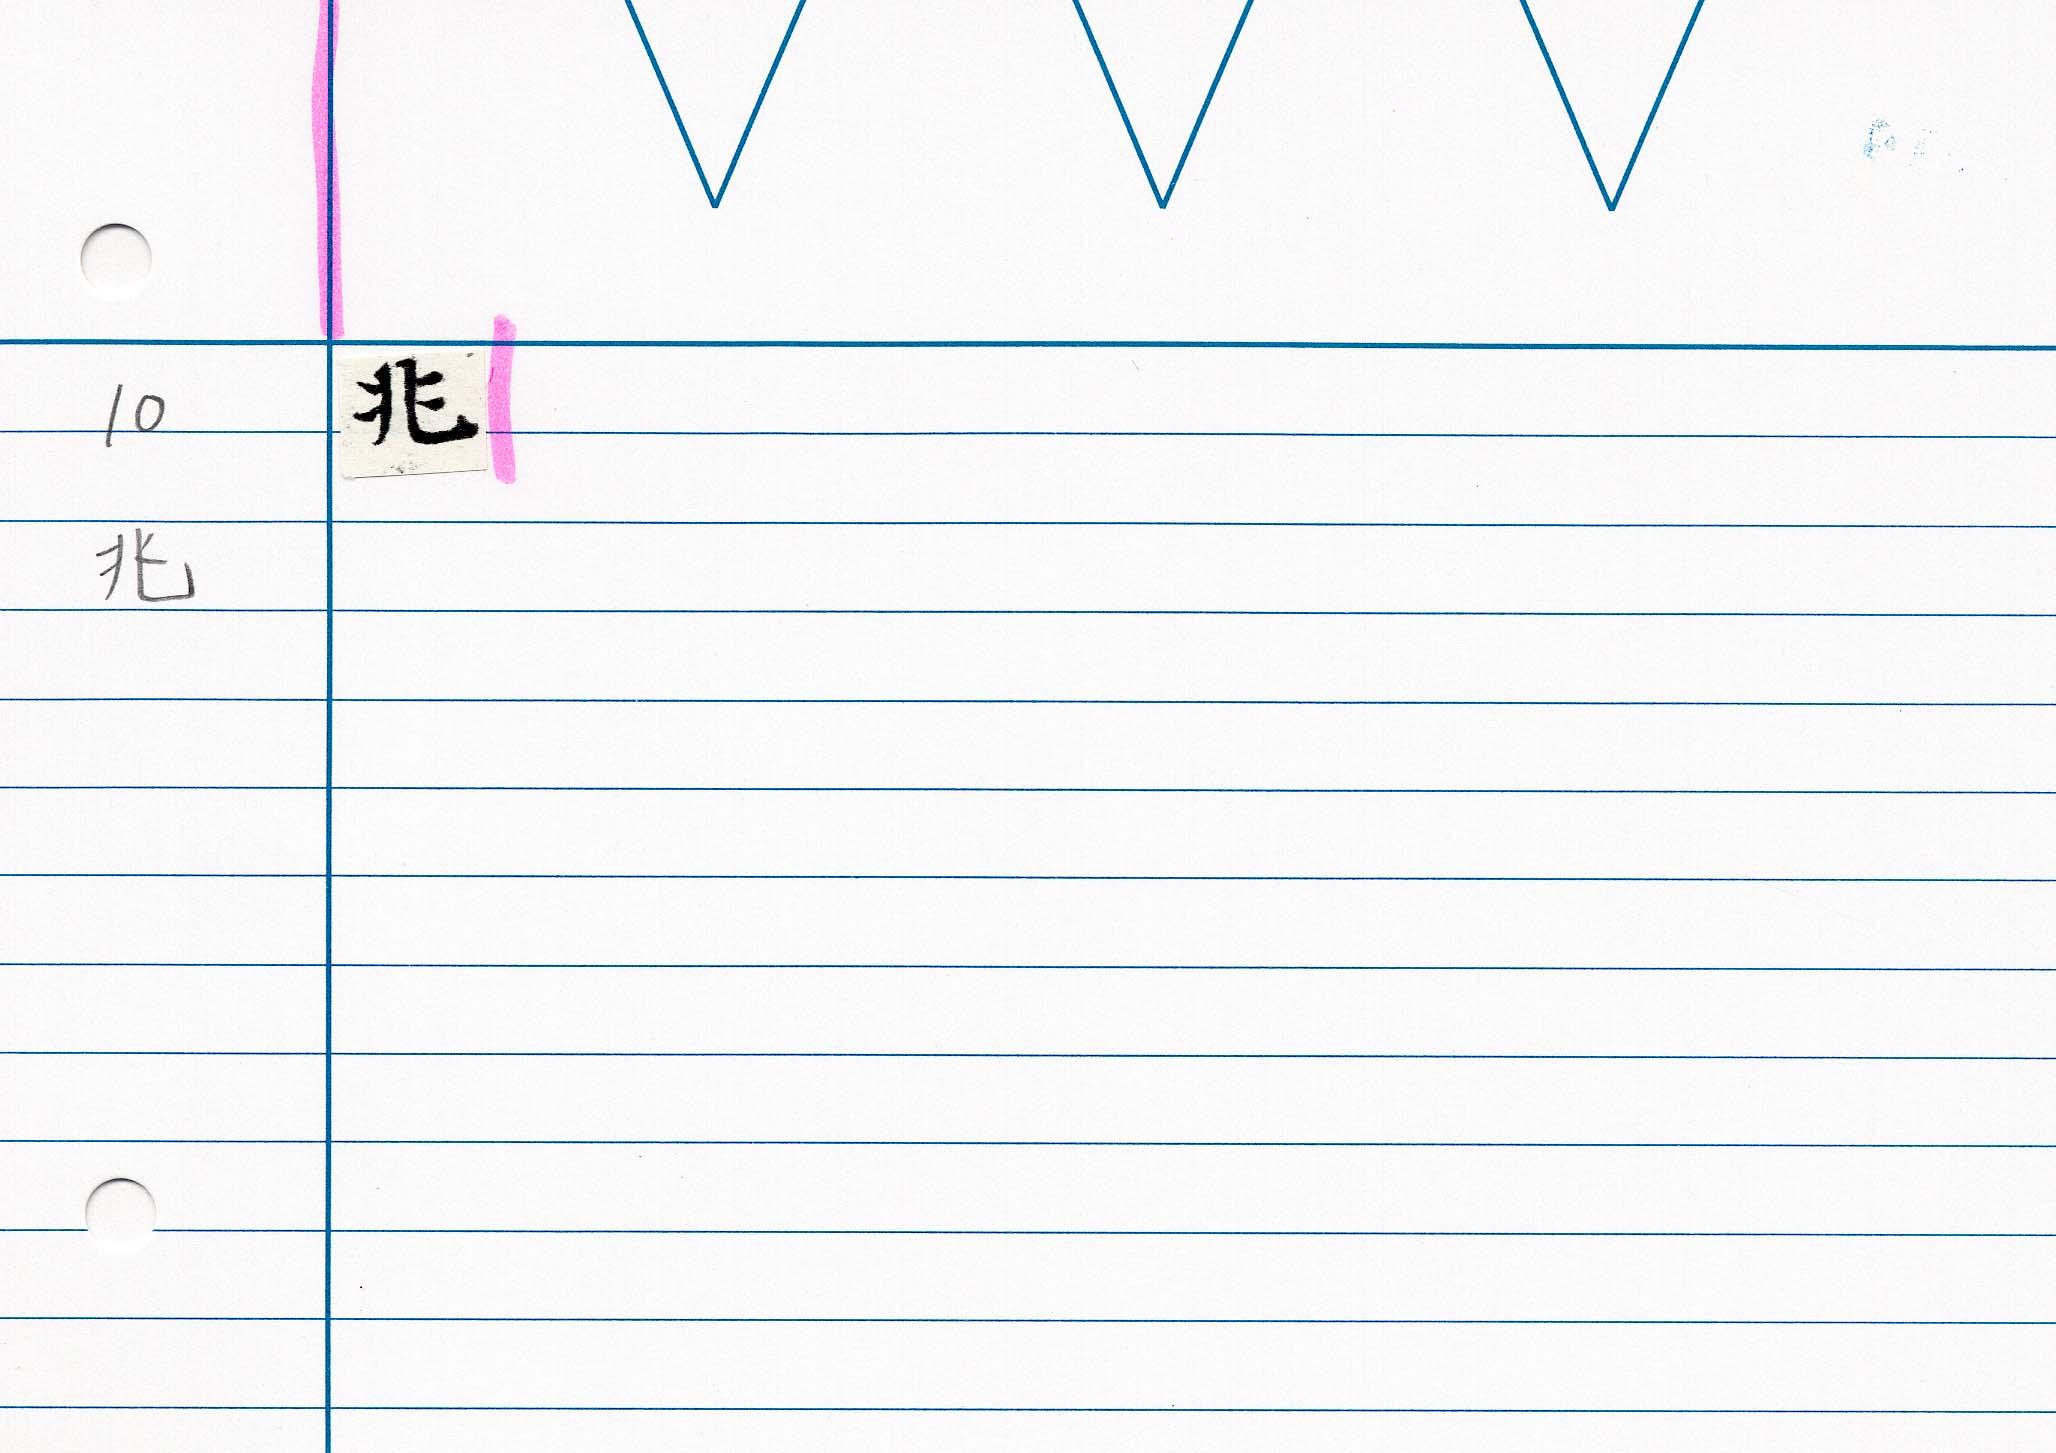 60_佛説大教王經卷一(東禪寺版日本寫本)/cards/0015.jpg